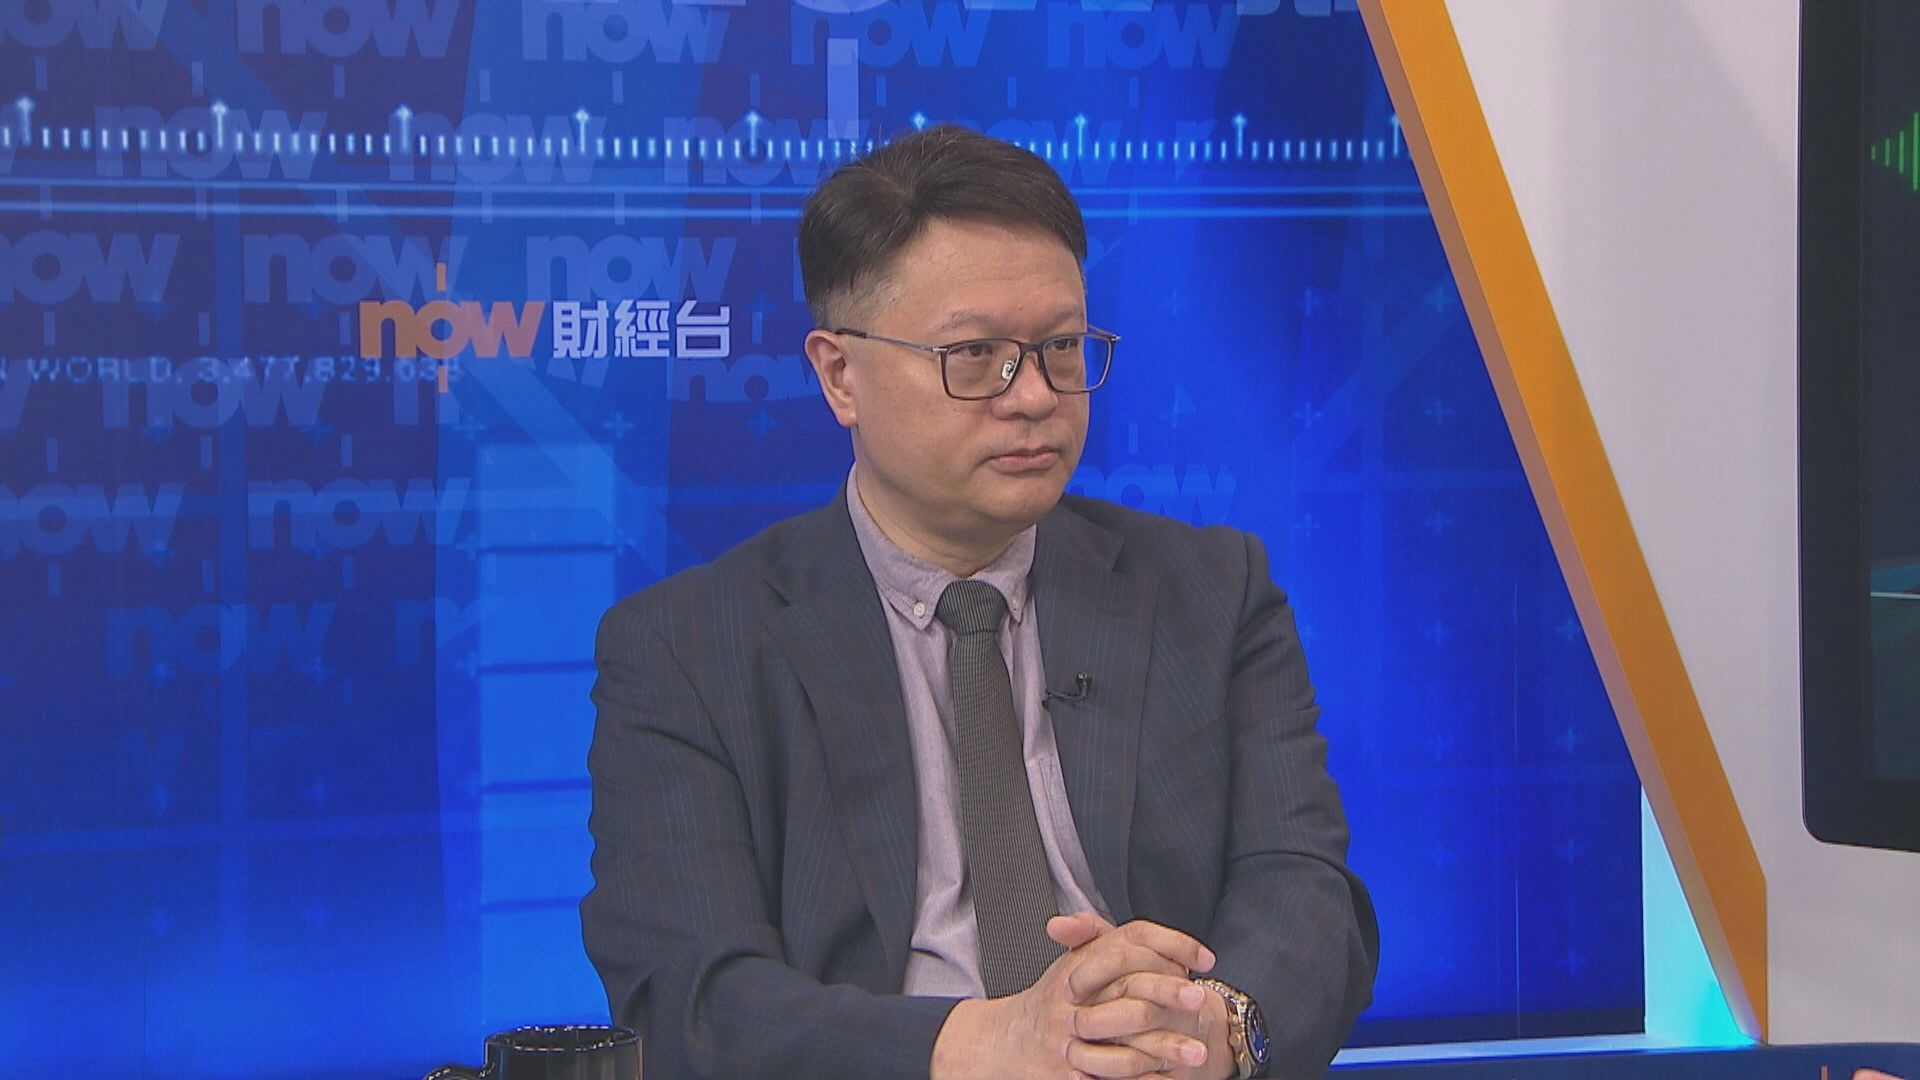 許樹昌:第三波疫情未斷尾 需維持現有防疫措施